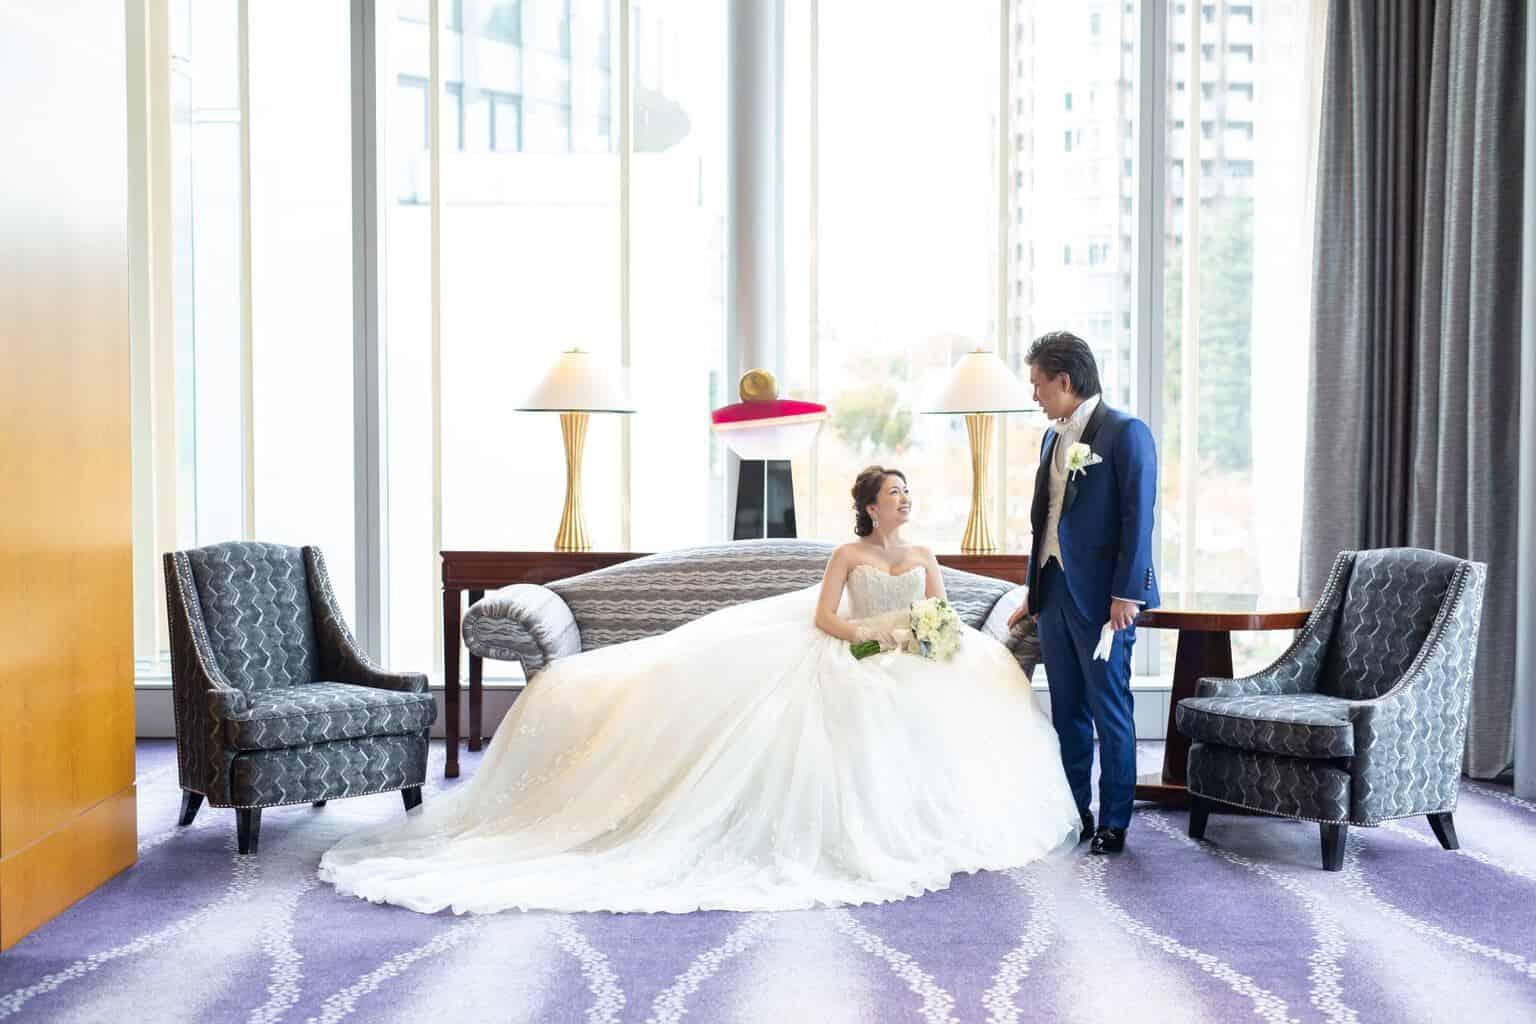 結婚式場をザ・リッツ・カールトン東京に決めた理由!迷った式場はどこ?c___s23weddingさんにインタビュー♡のカバー写真